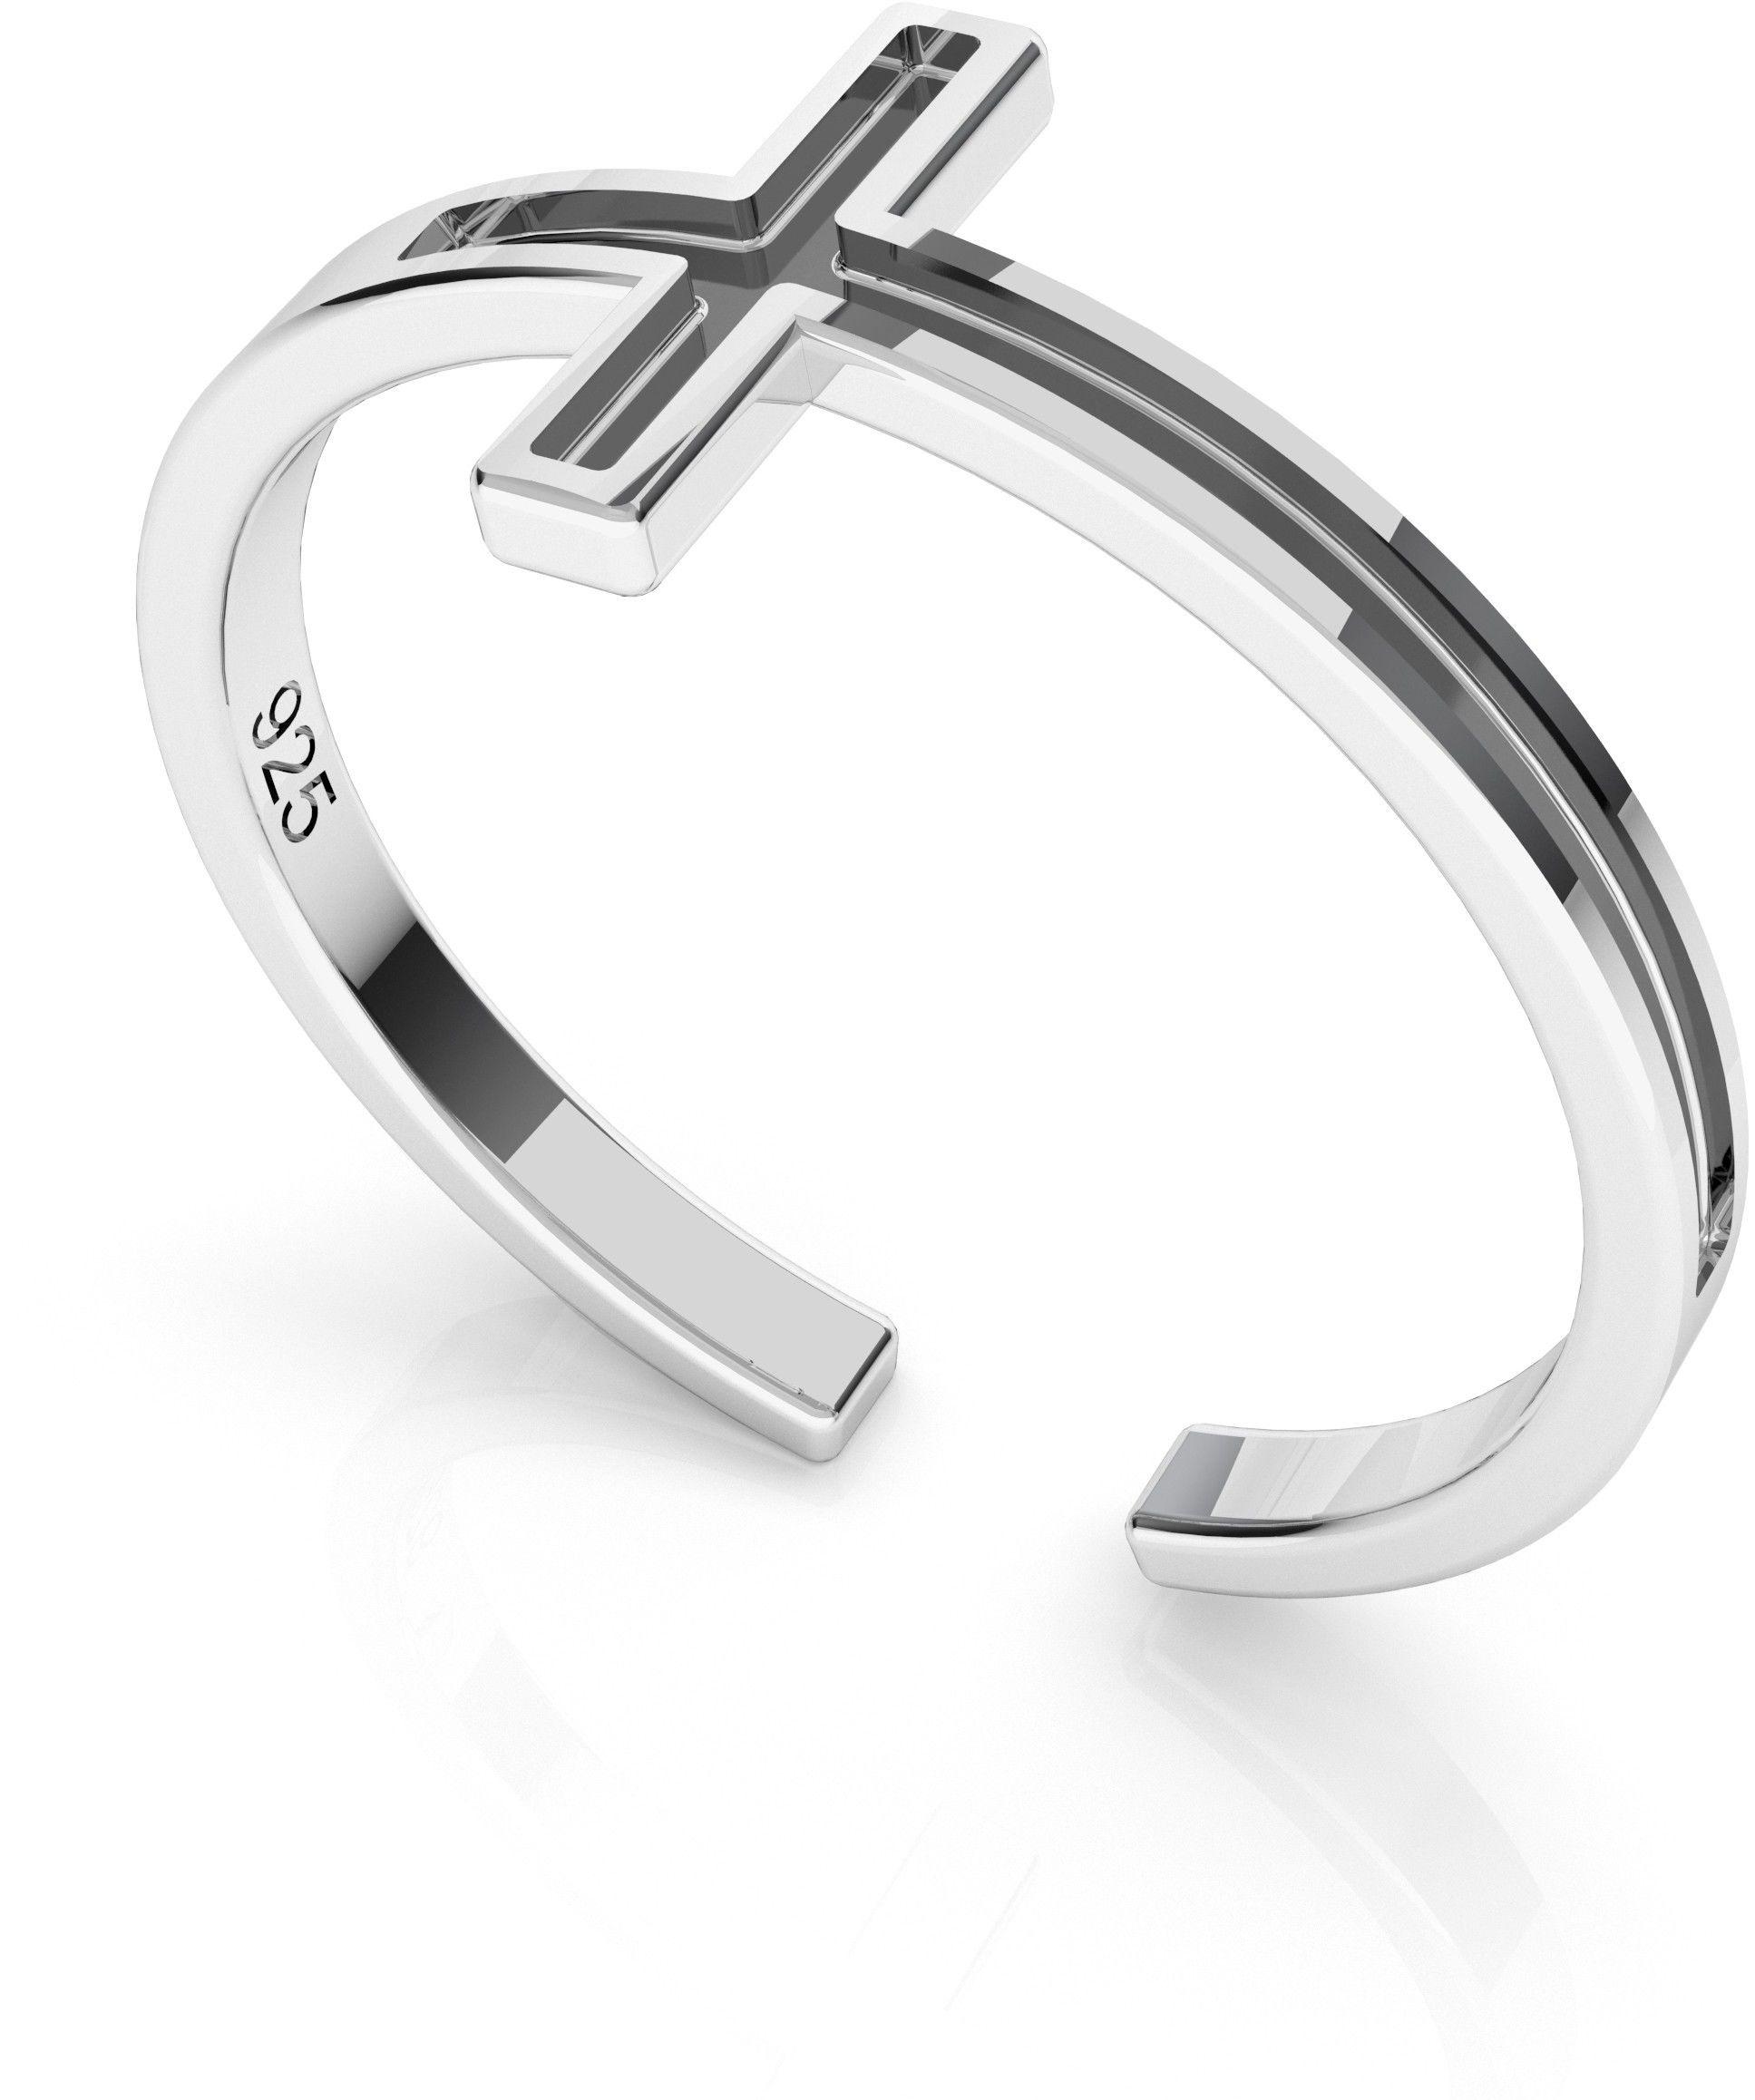 Srebrny pierścionek z krzyżykiem, srebro 925 : Srebro - kolor pokrycia - Pokrycie platyną